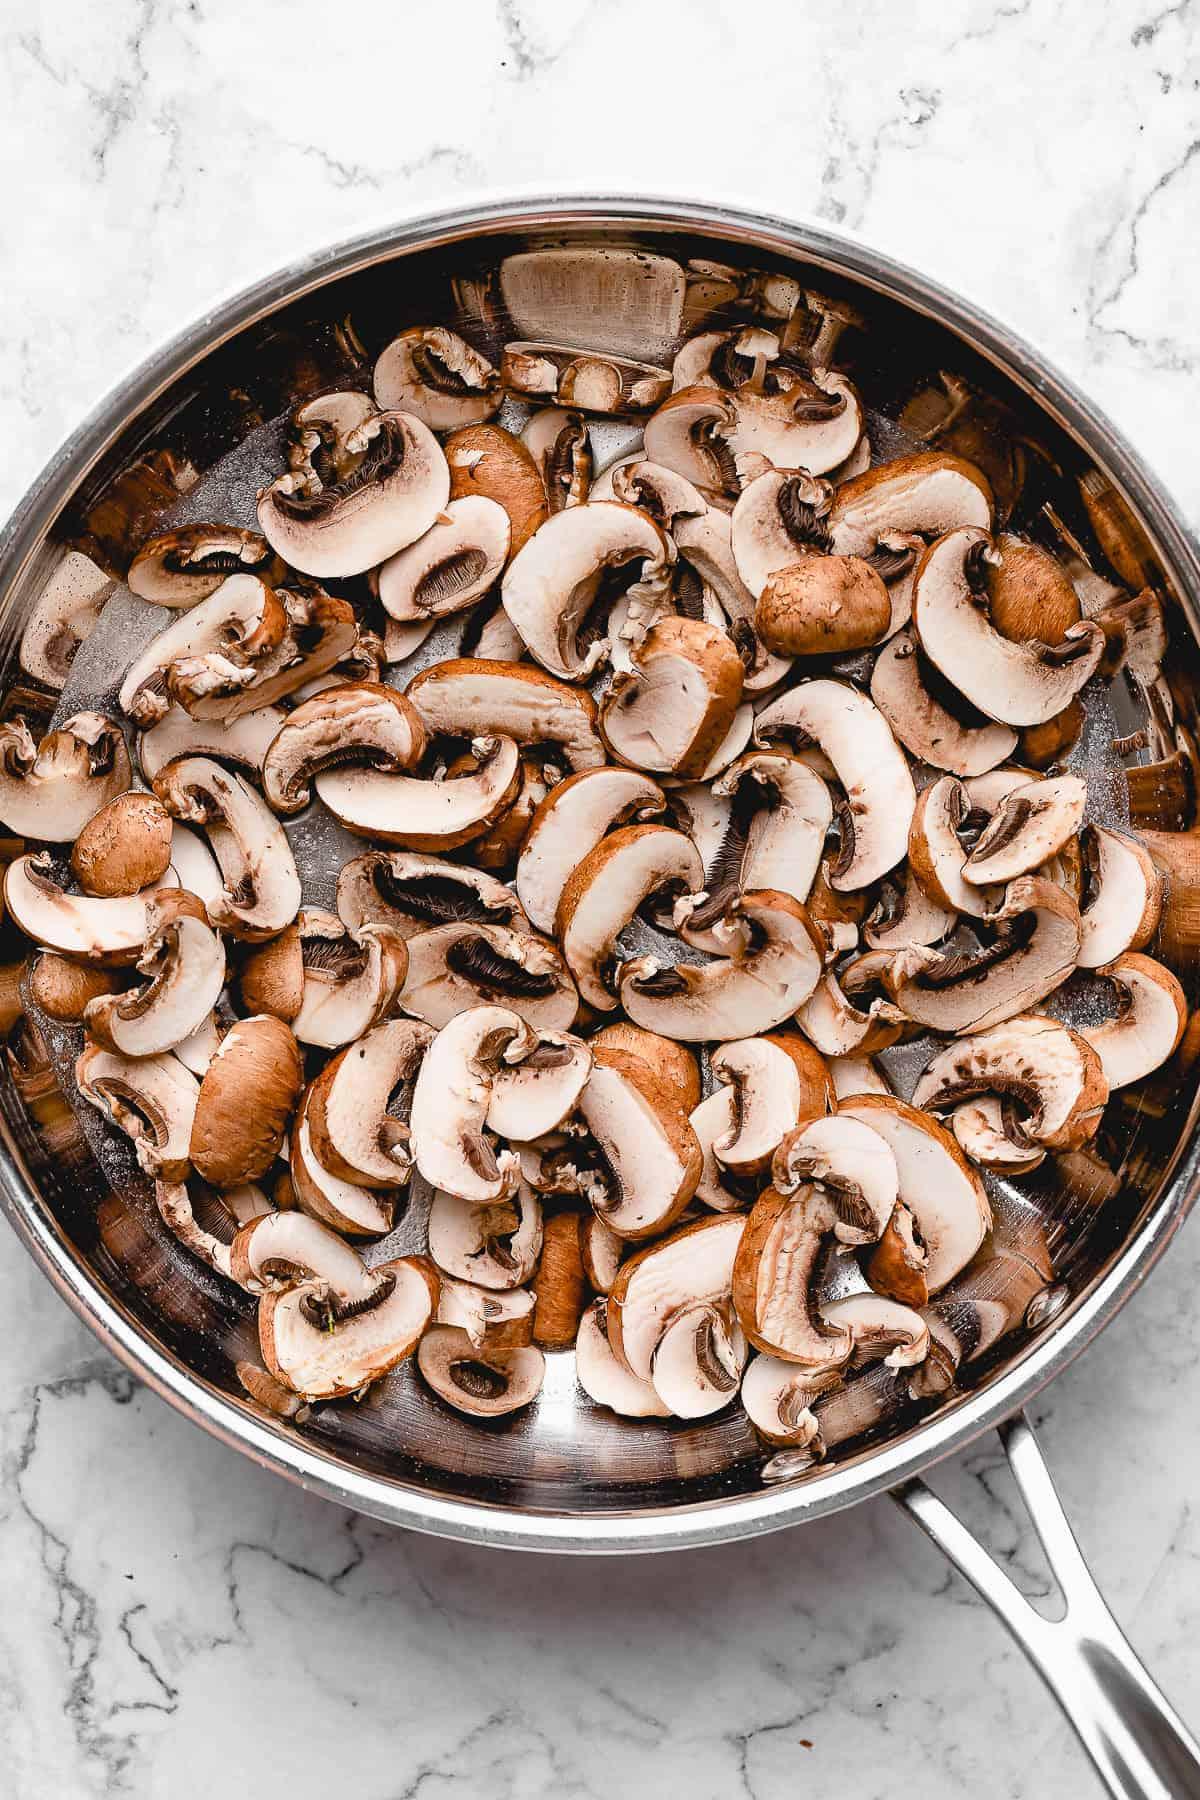 Pan of sliced mushrooms.